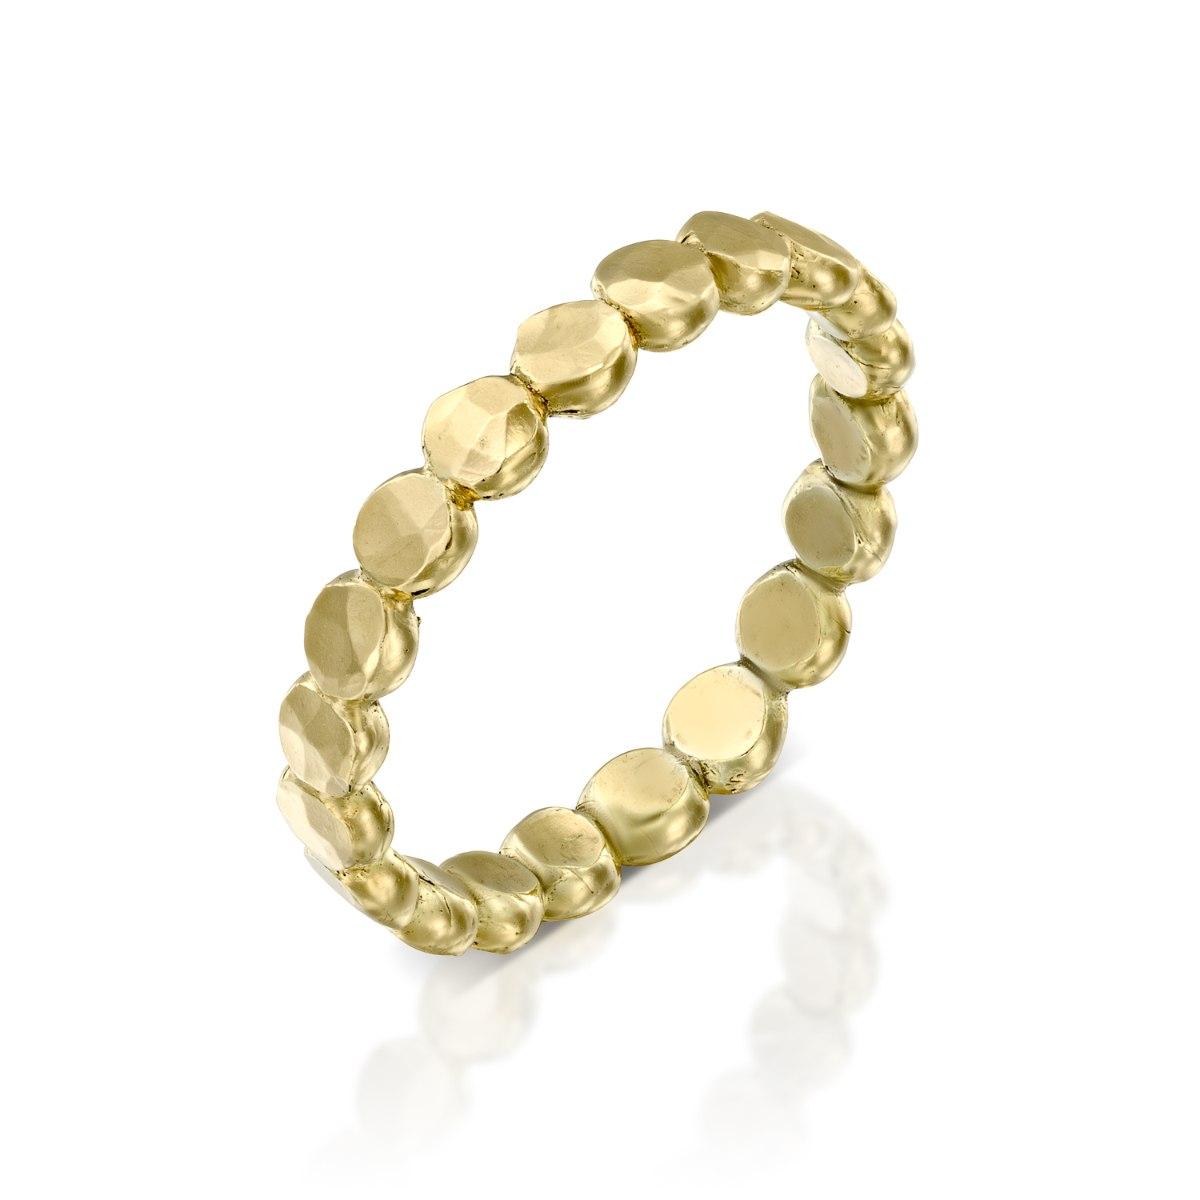 טבעת זהב 14 קרט צהוב סוכריות מרוקעות נועה טריפ noa tripp